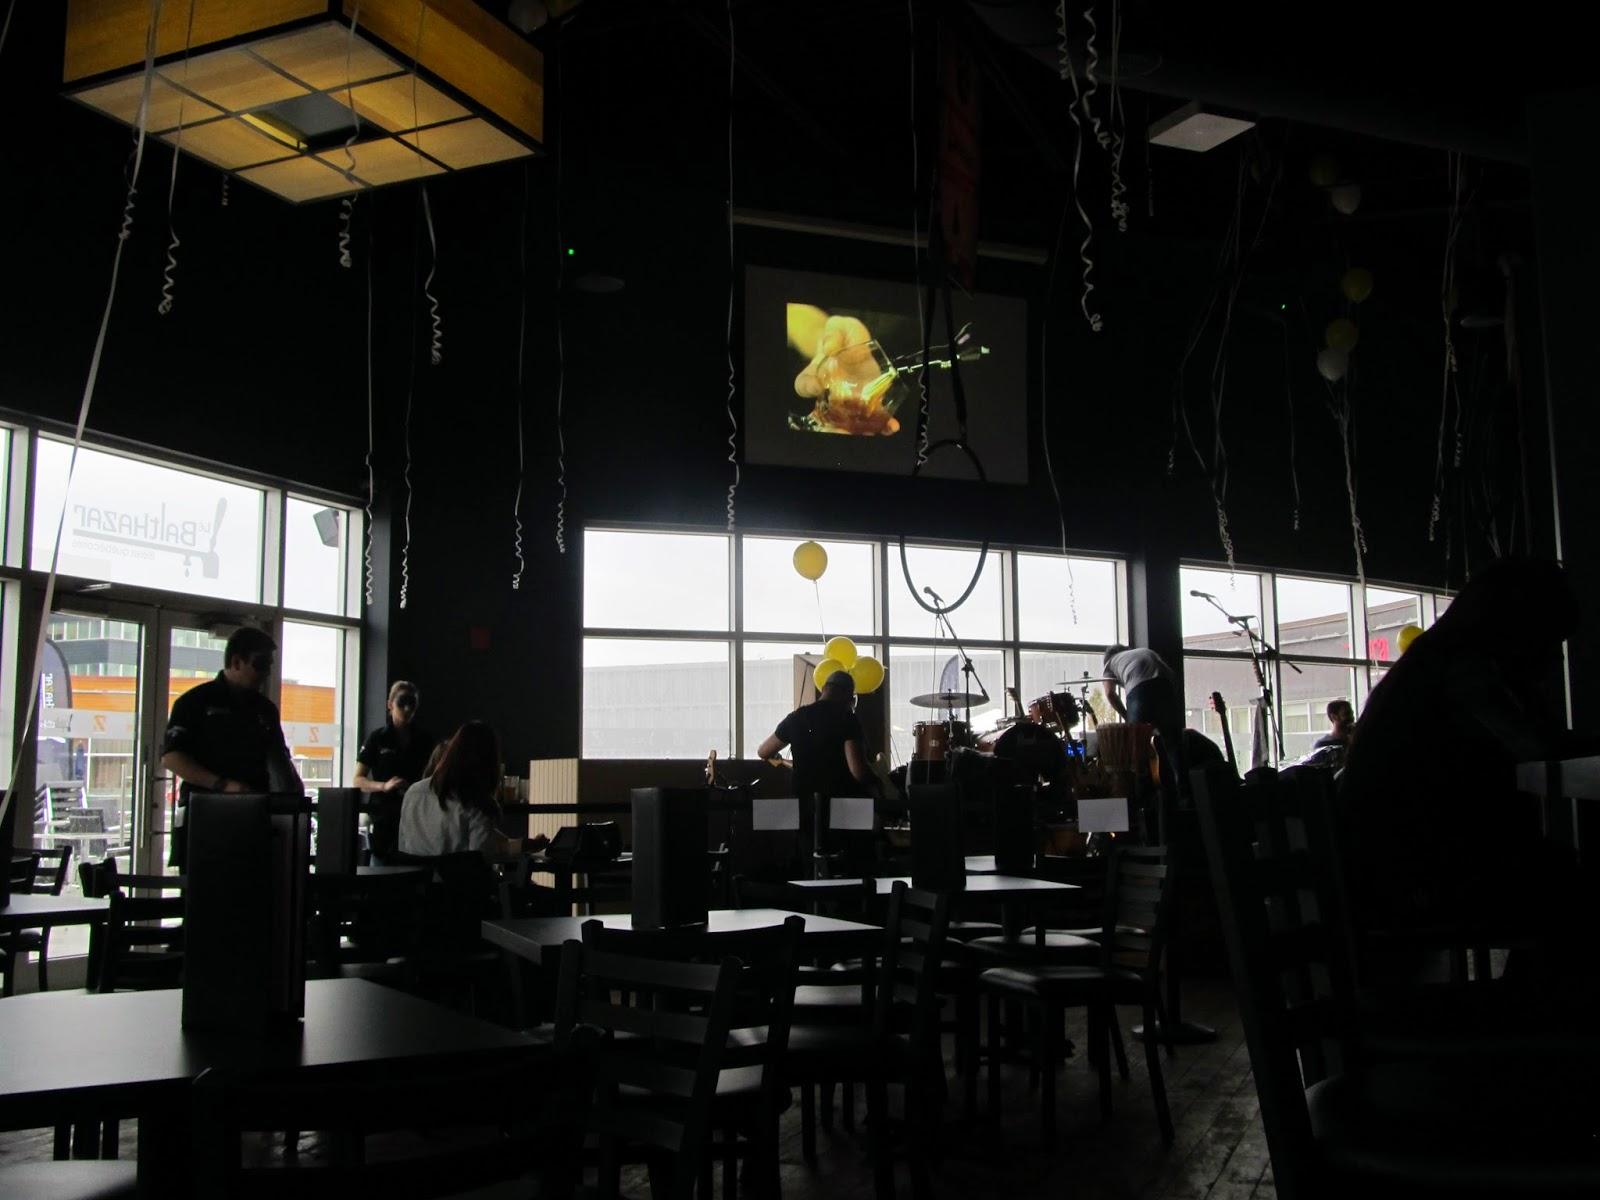 Le #BalthazarDix30: branché, convivial et beaucoup de bière au menu!  #OuvertureBalthazarDIX30